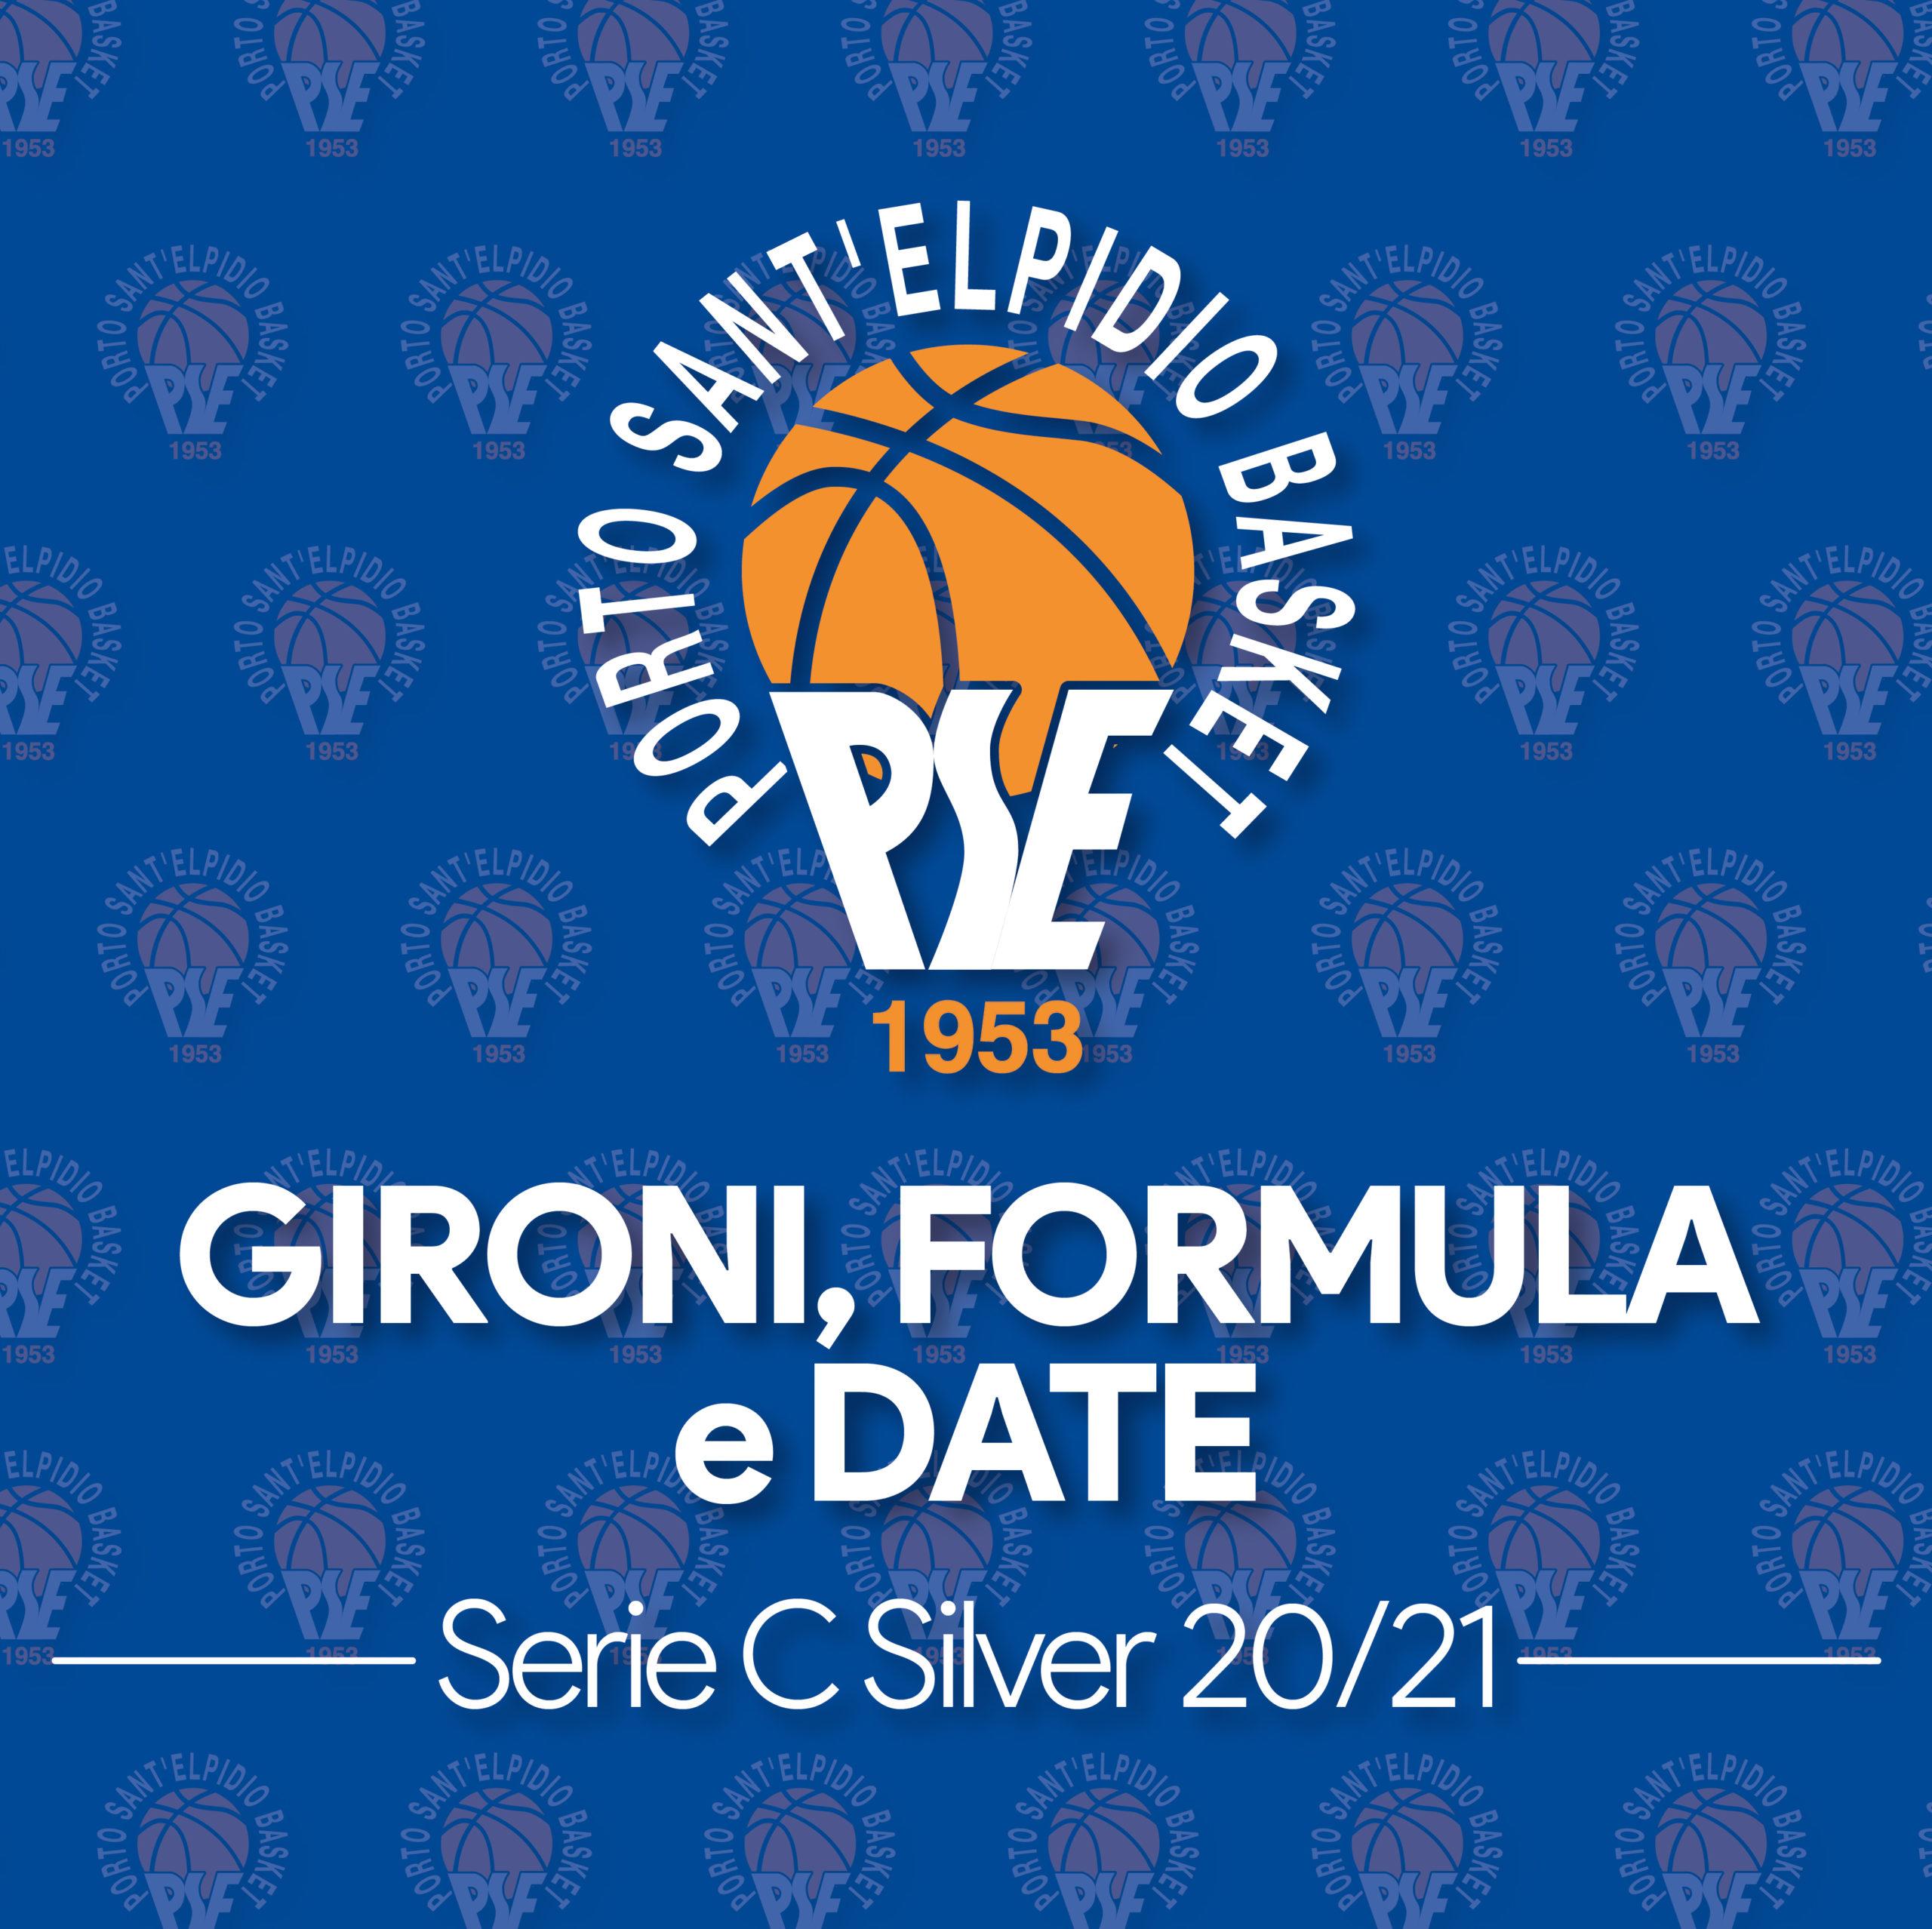 C Silver al via il 15 Novembre, P.S.Elpidio nel girone B